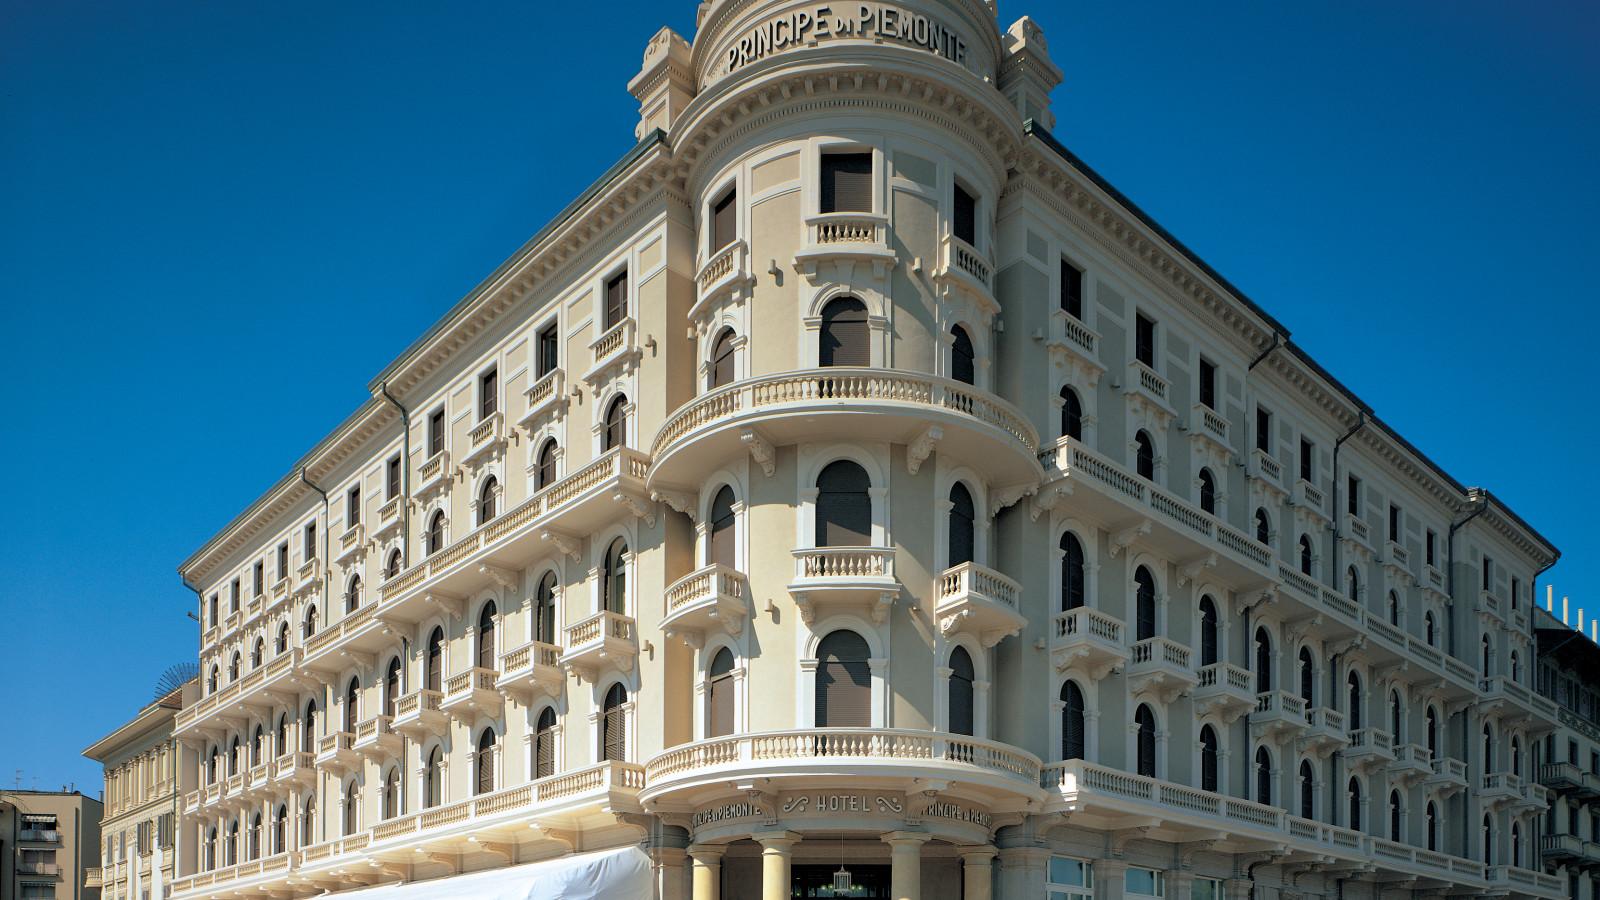 Grand Hotel Principe Di Piemonte Viareggio Topflight